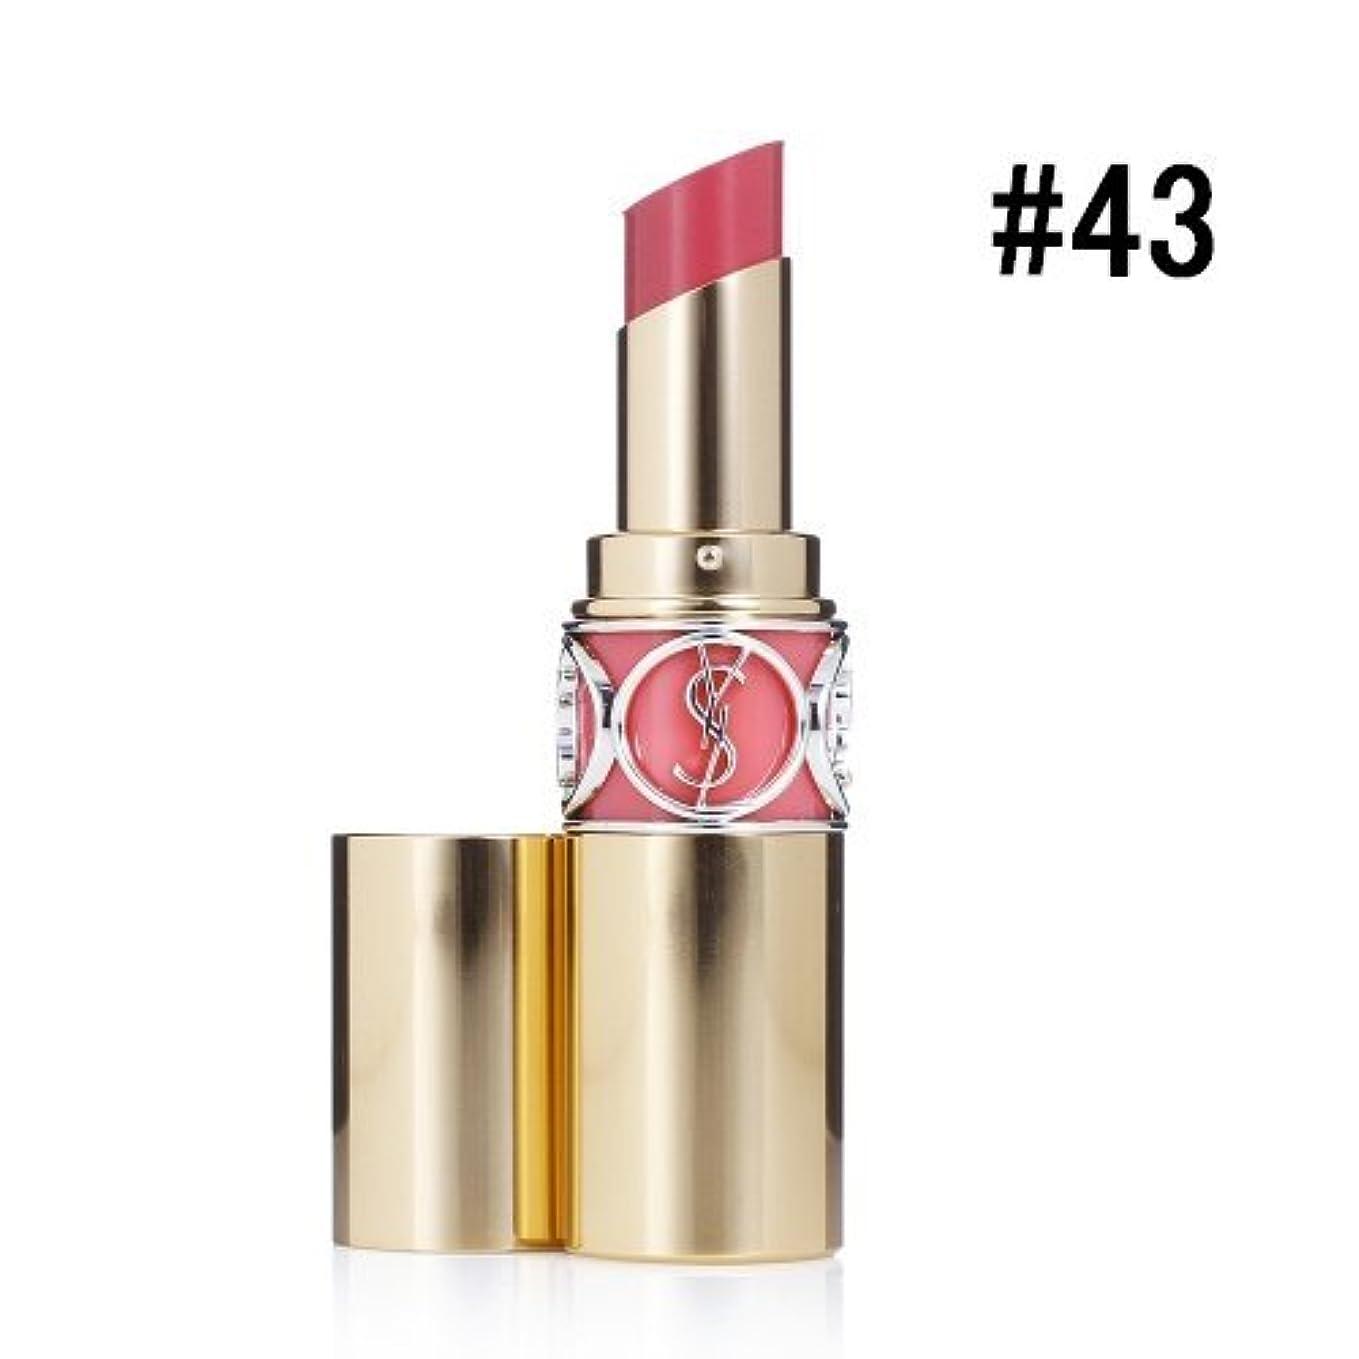 ジュニアくそー出力イヴサンローラン(Yves Saint Laurent) ルージュ ヴォリュプテ シャイン #43 ROSE RIVE GAUCHE 4.5g[並行輸入品]